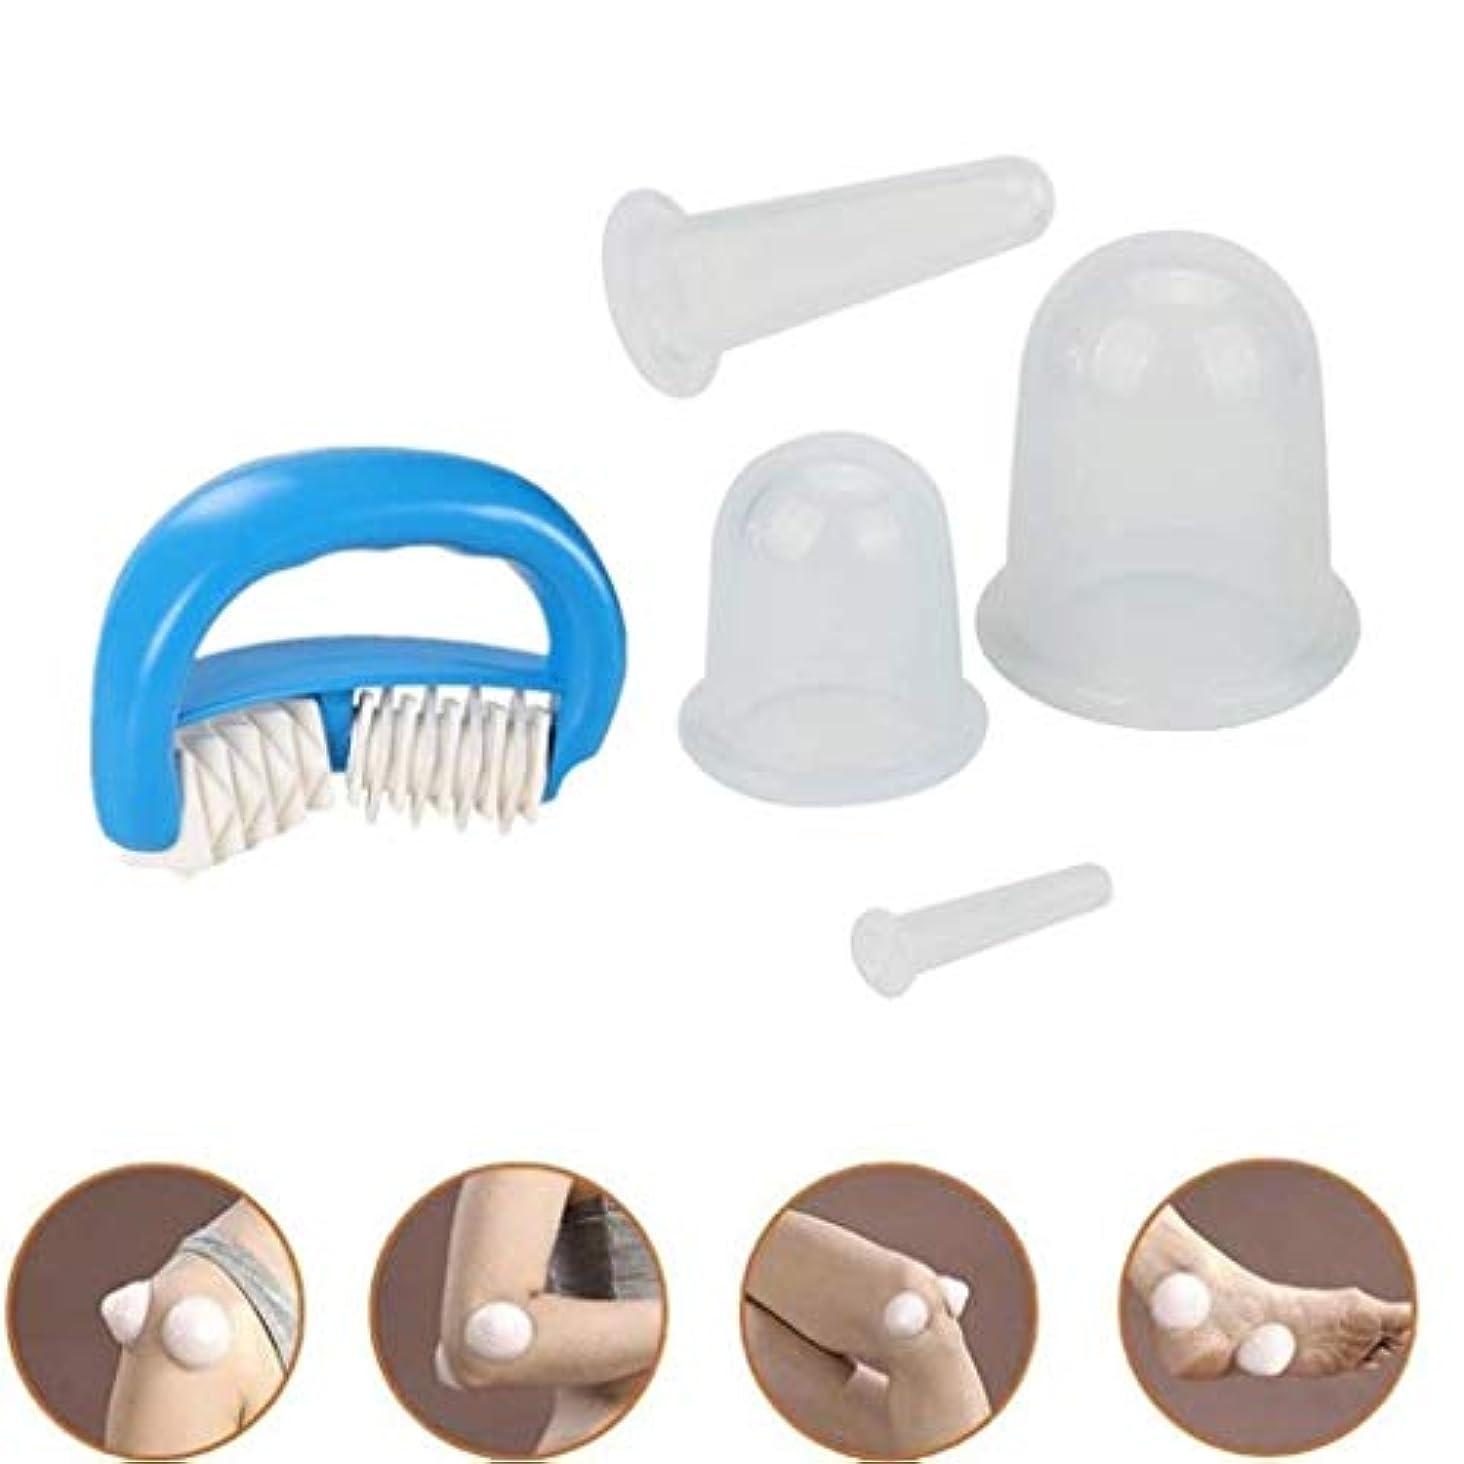 冷酷な消去強制シリコンカッピングカップ、ローラーカッピング、ポータブル、しわおよび脂肪除去ボディリンパ筋膜ファミリー真空マッサージカップをスリミングするマッサージャー